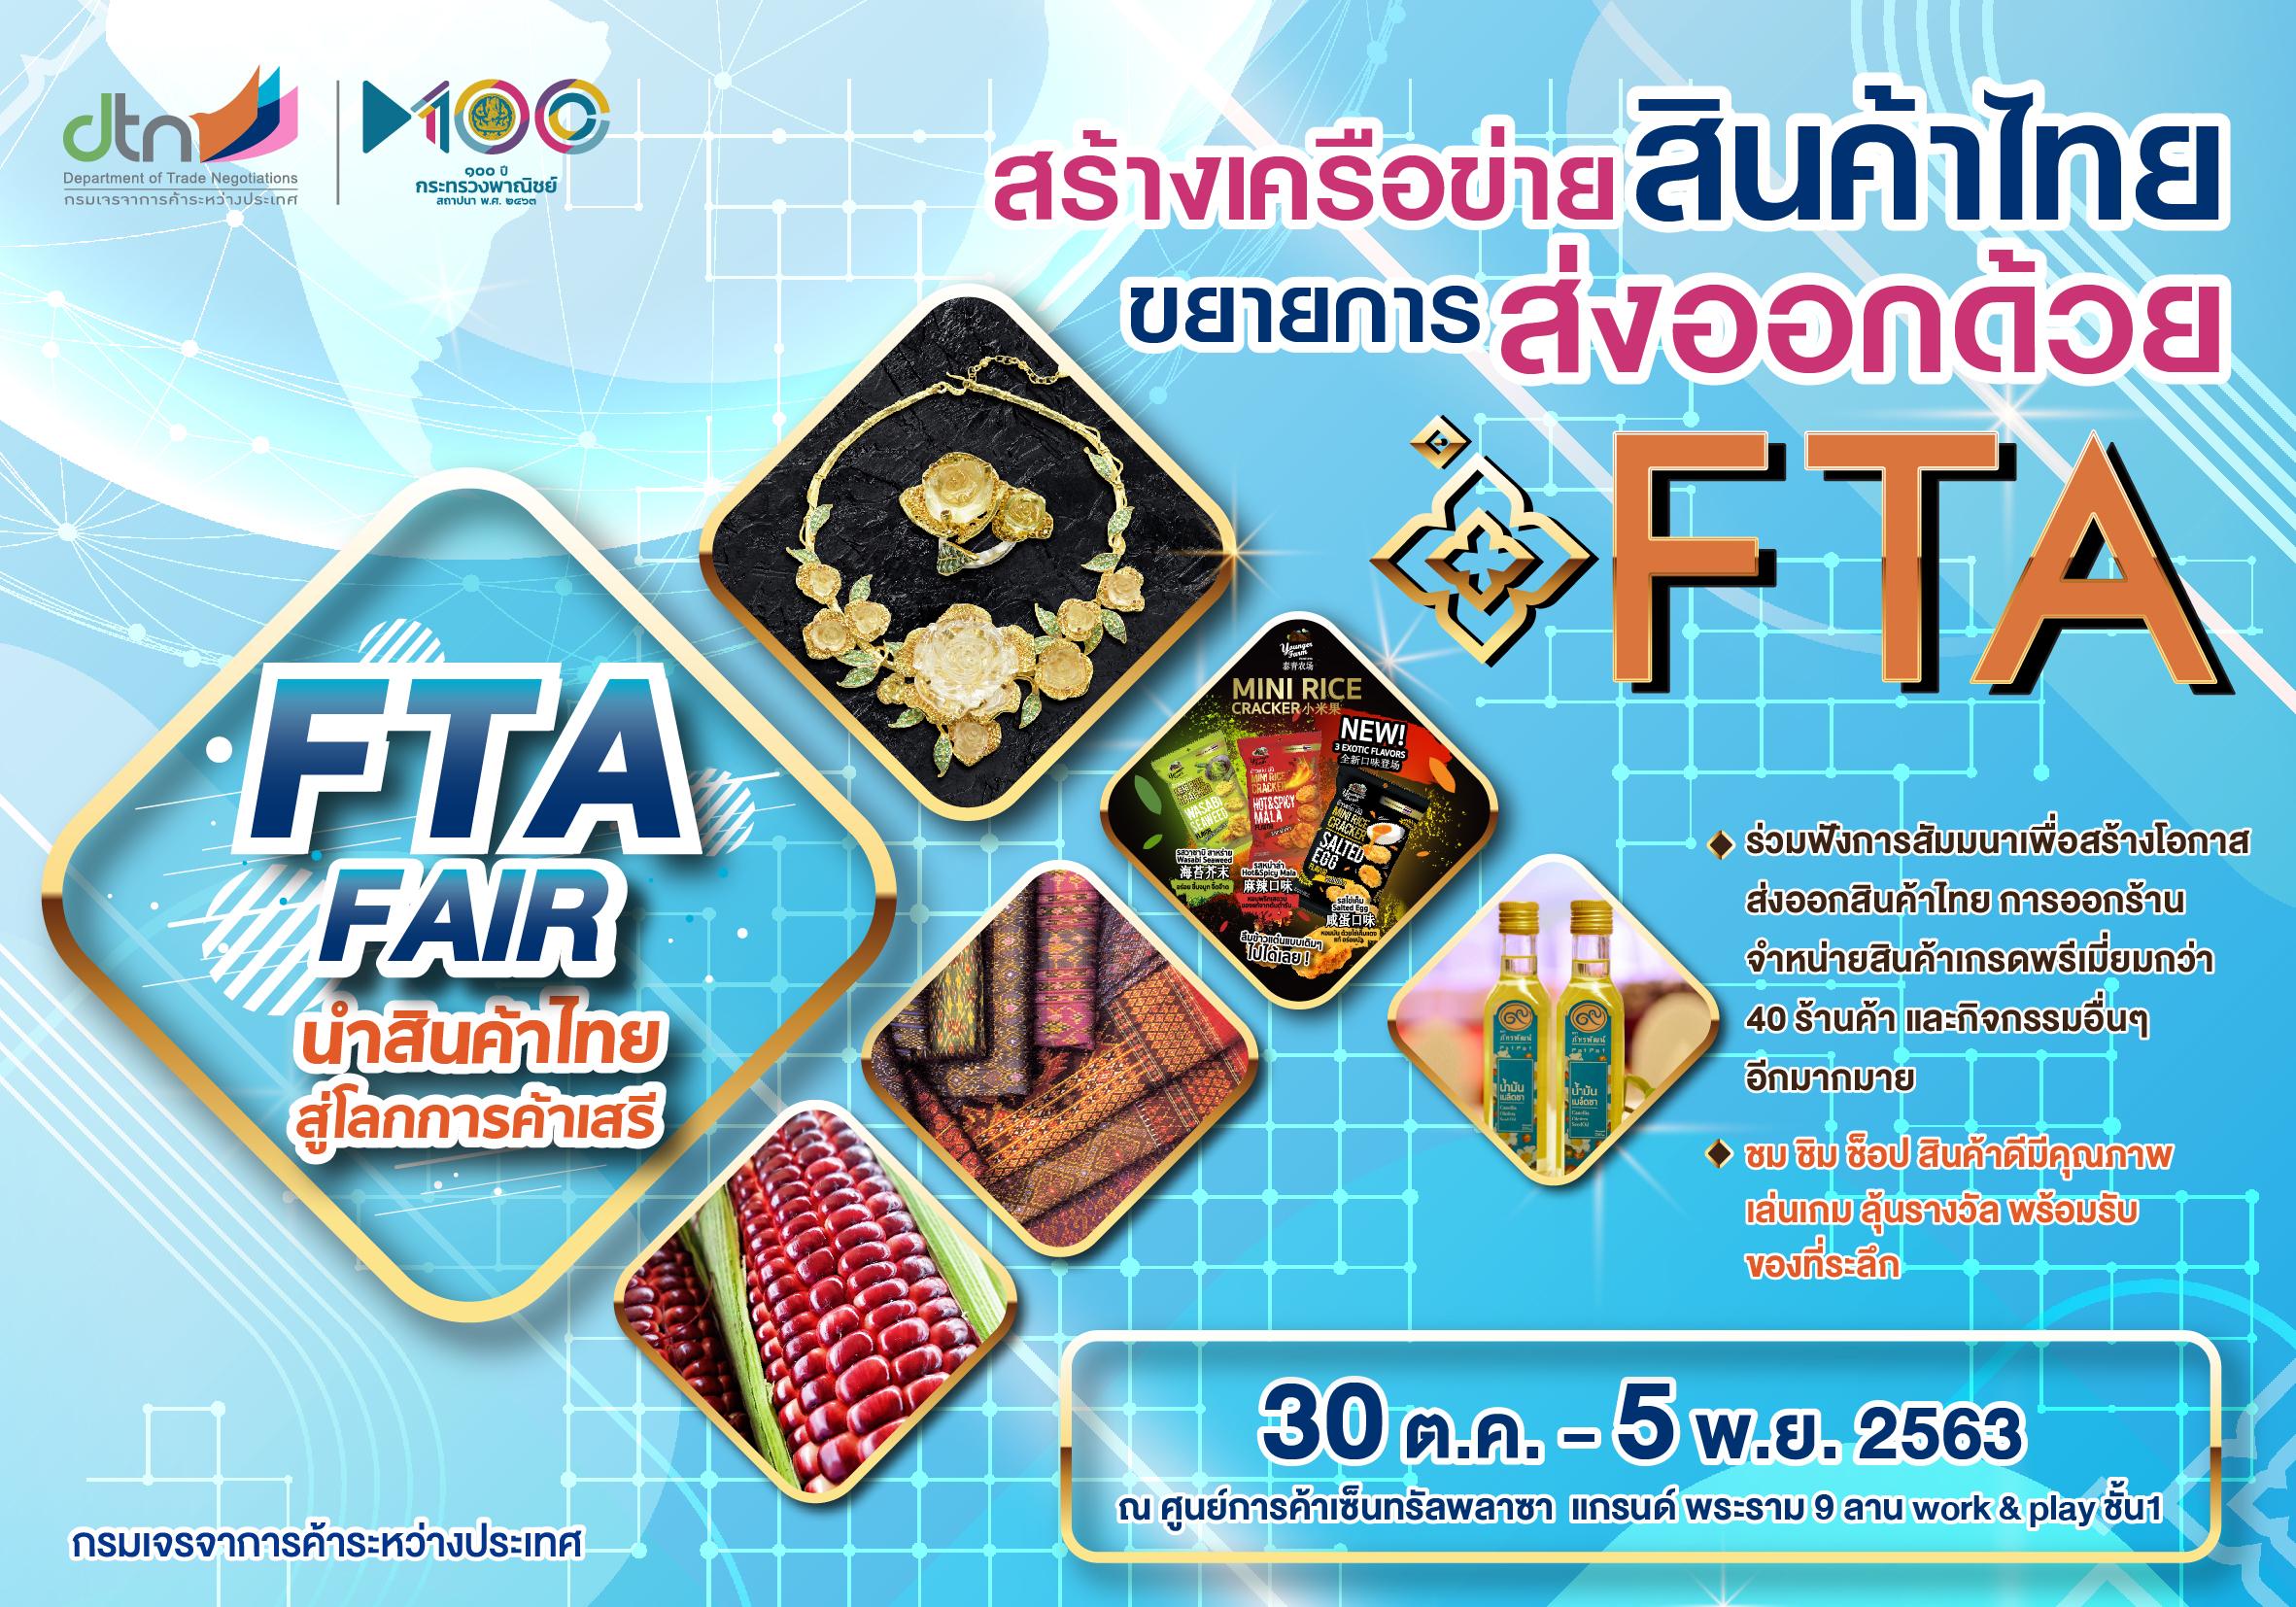 FTA Fair MOC กระทรวงพาณิชย์ สินค้าไทย